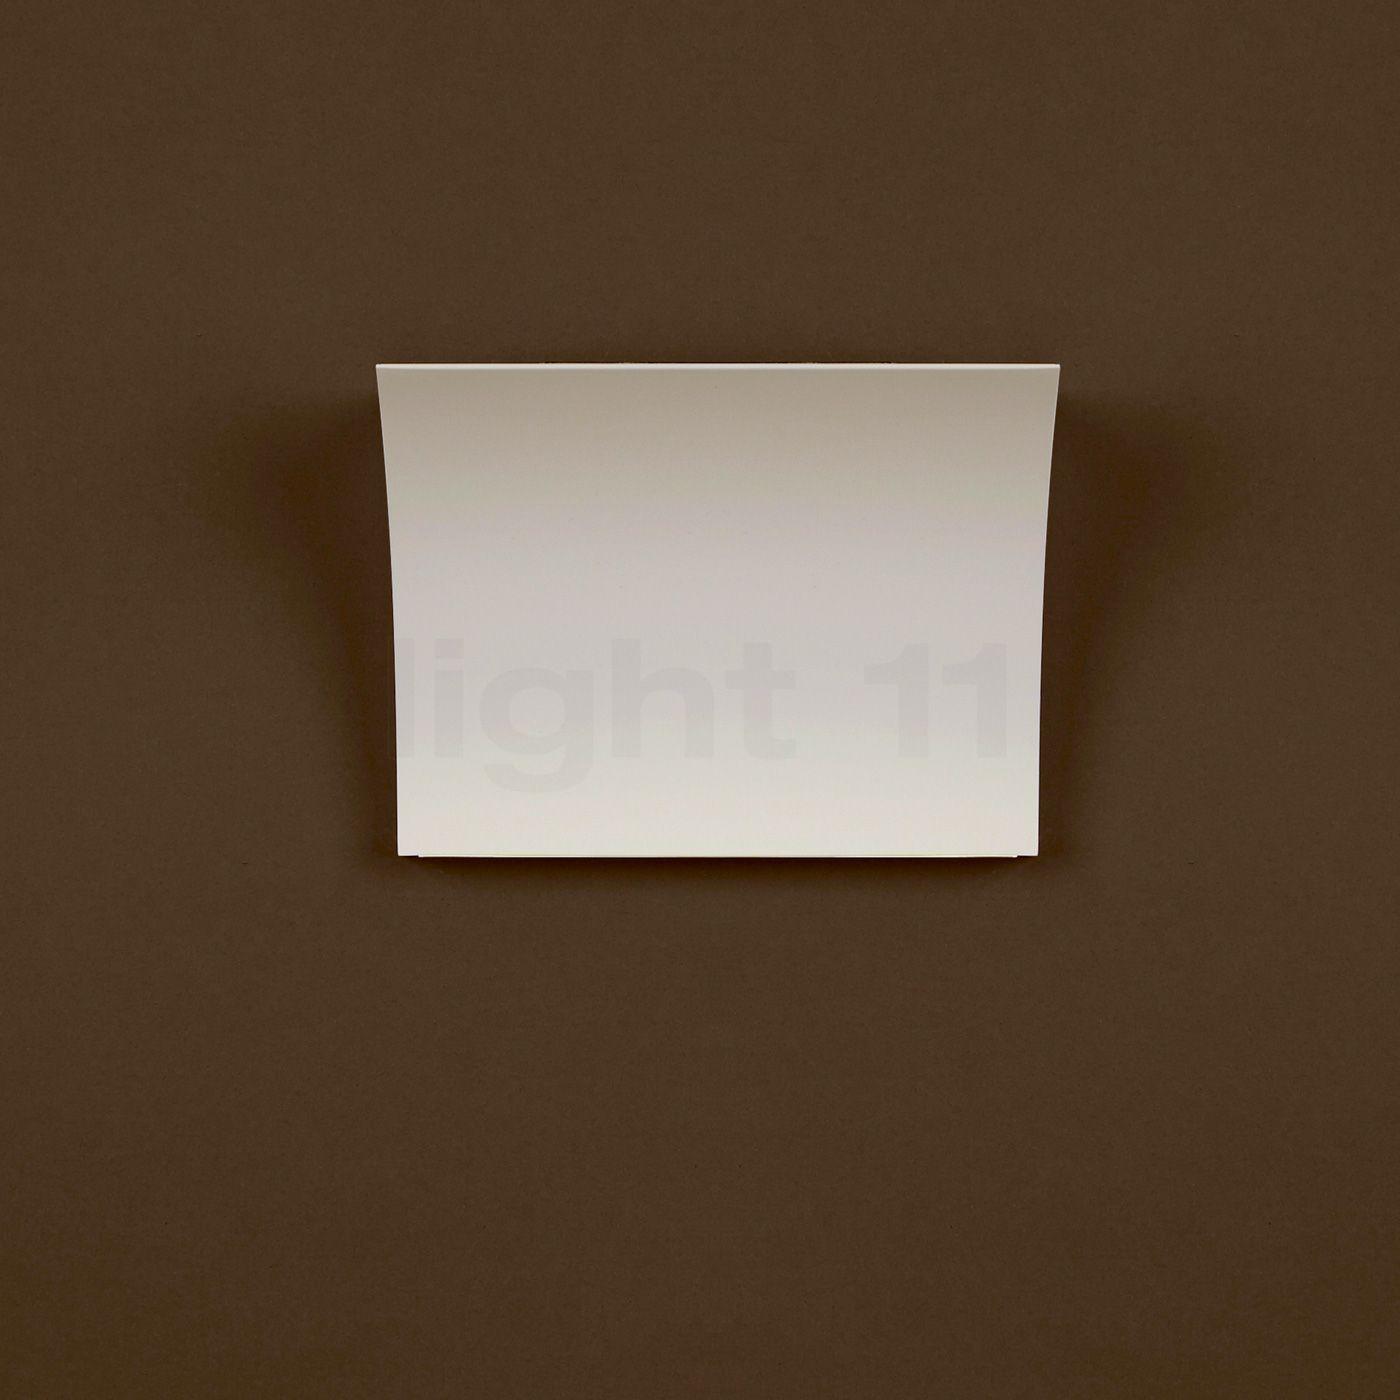 Flos_Pochette_Up_Down_Fluo--2000158900007_7_u Faszinierend Up Down Lampe Dekorationen